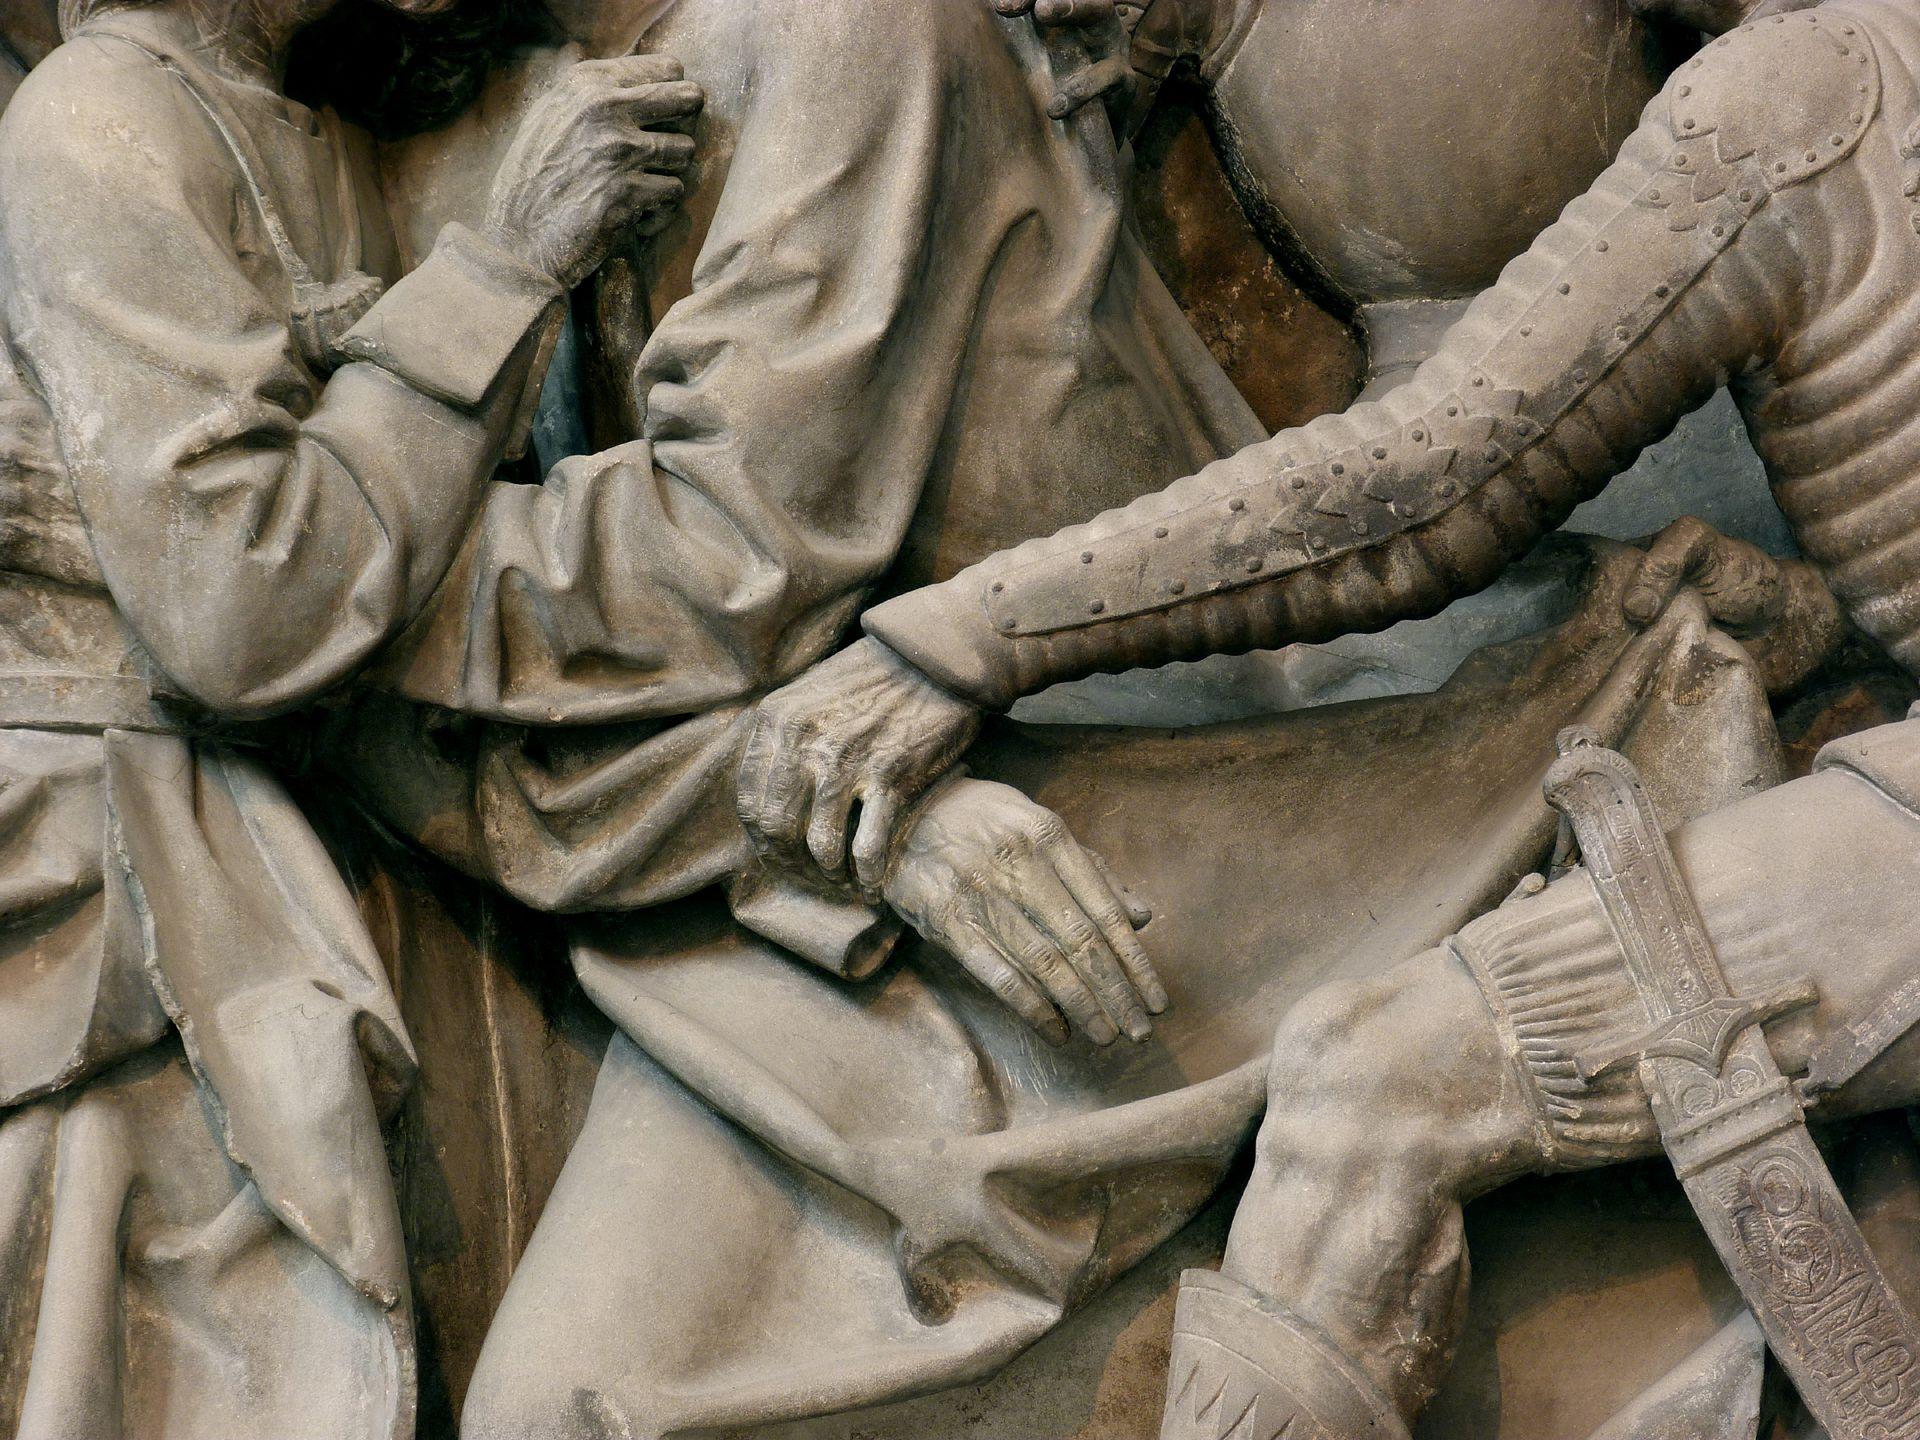 Volckamersche Gedächtsnisstiftung, Reliefplatten Gefangennahme, Detail: Hände